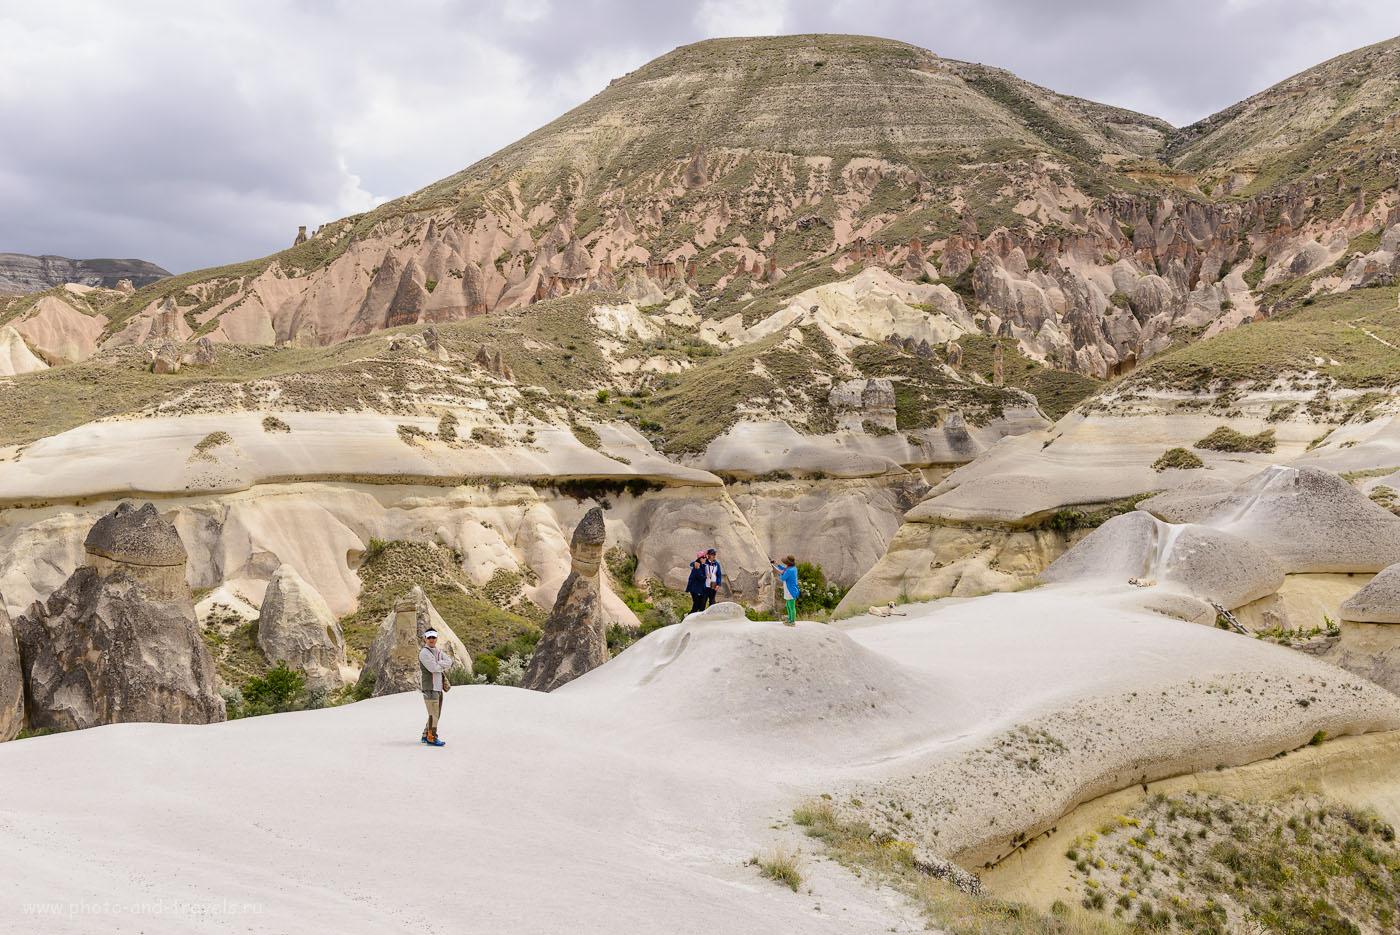 Фотография 14. Виды со смотровой площадки у долины Пашабаг. «Грибы», как раз, находятся в ущелье, в котором сделаны первые снимки. 1/400, +0.67, 8.0, 160, 40.